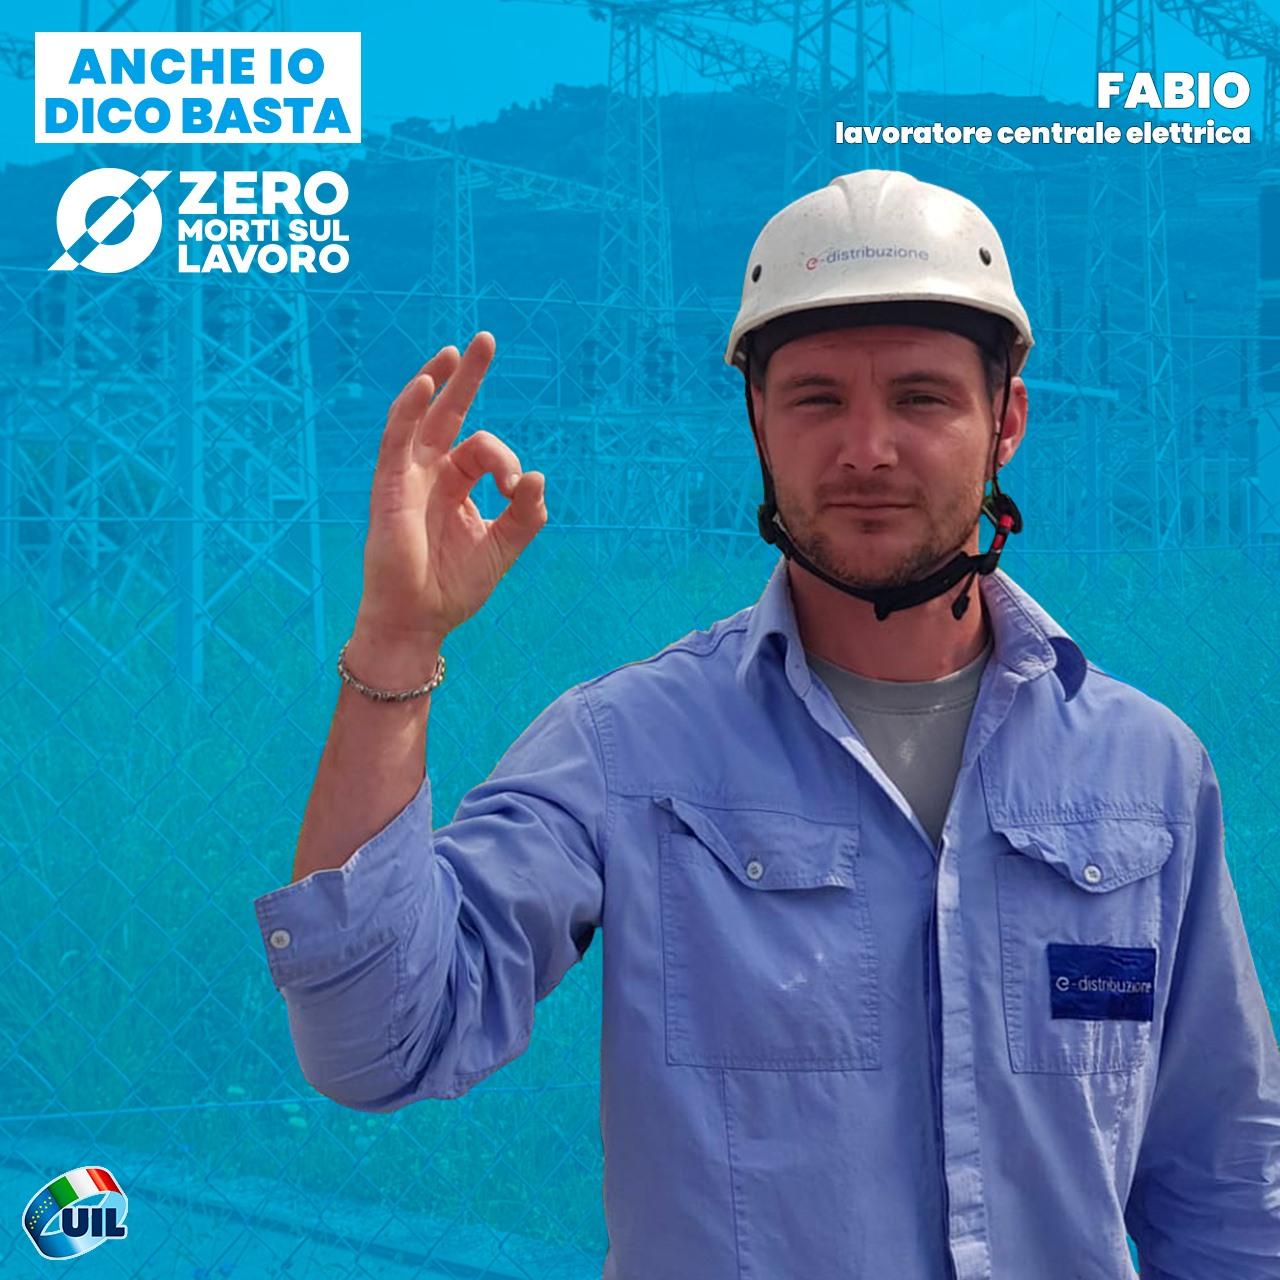 FABIO, lavoratore centrale elettrica